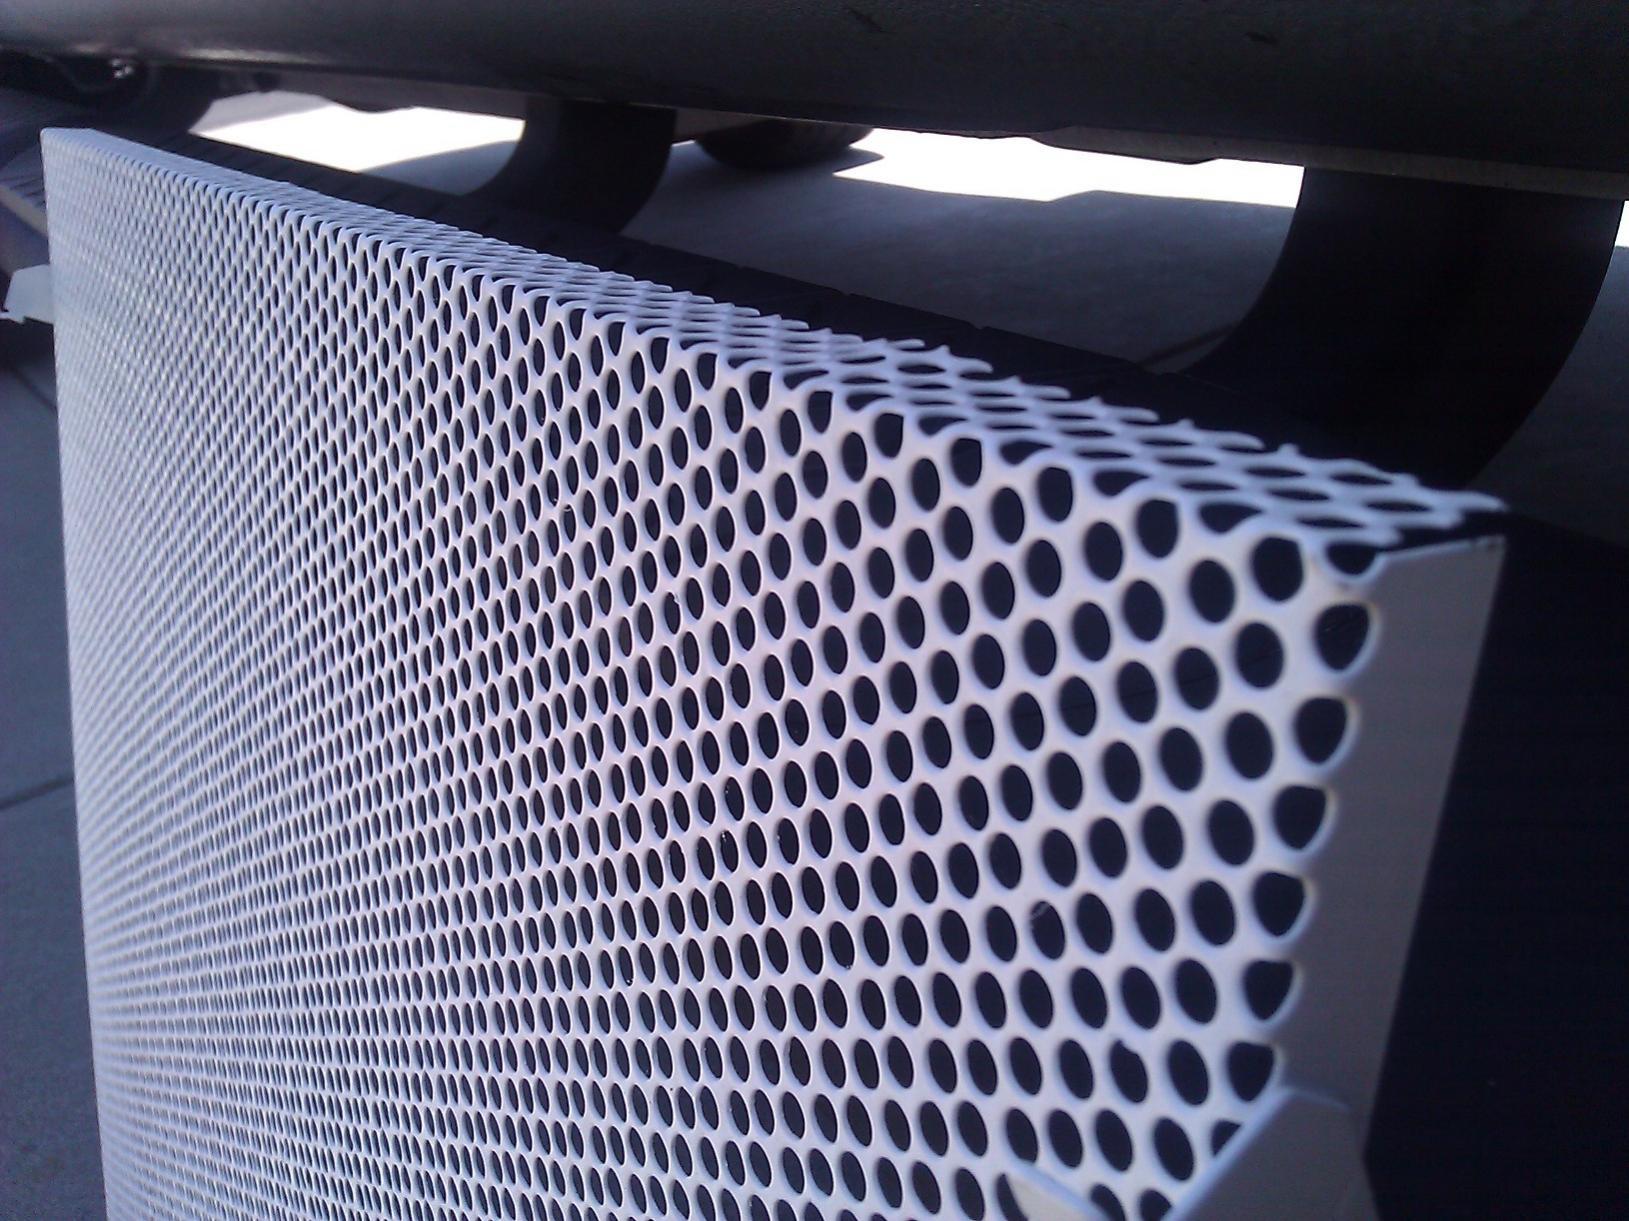 return air grille for drop ceiling - pranksenders